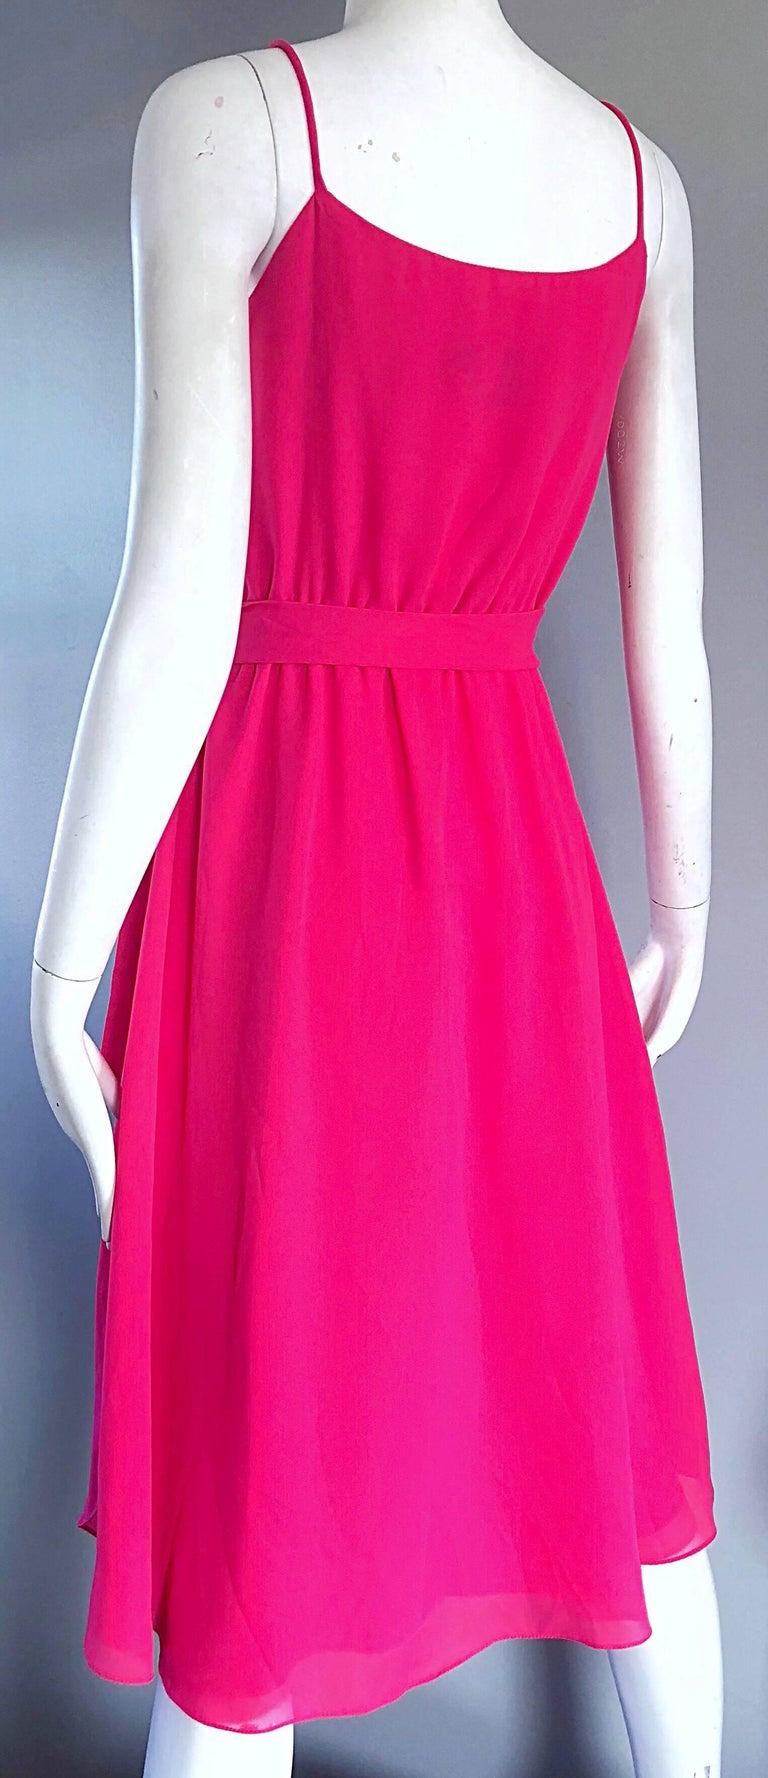 1970s Phillipe Jodur for Ferrali Hot Pink Crepe Sleeveless Belted Disco Dress For Sale 3